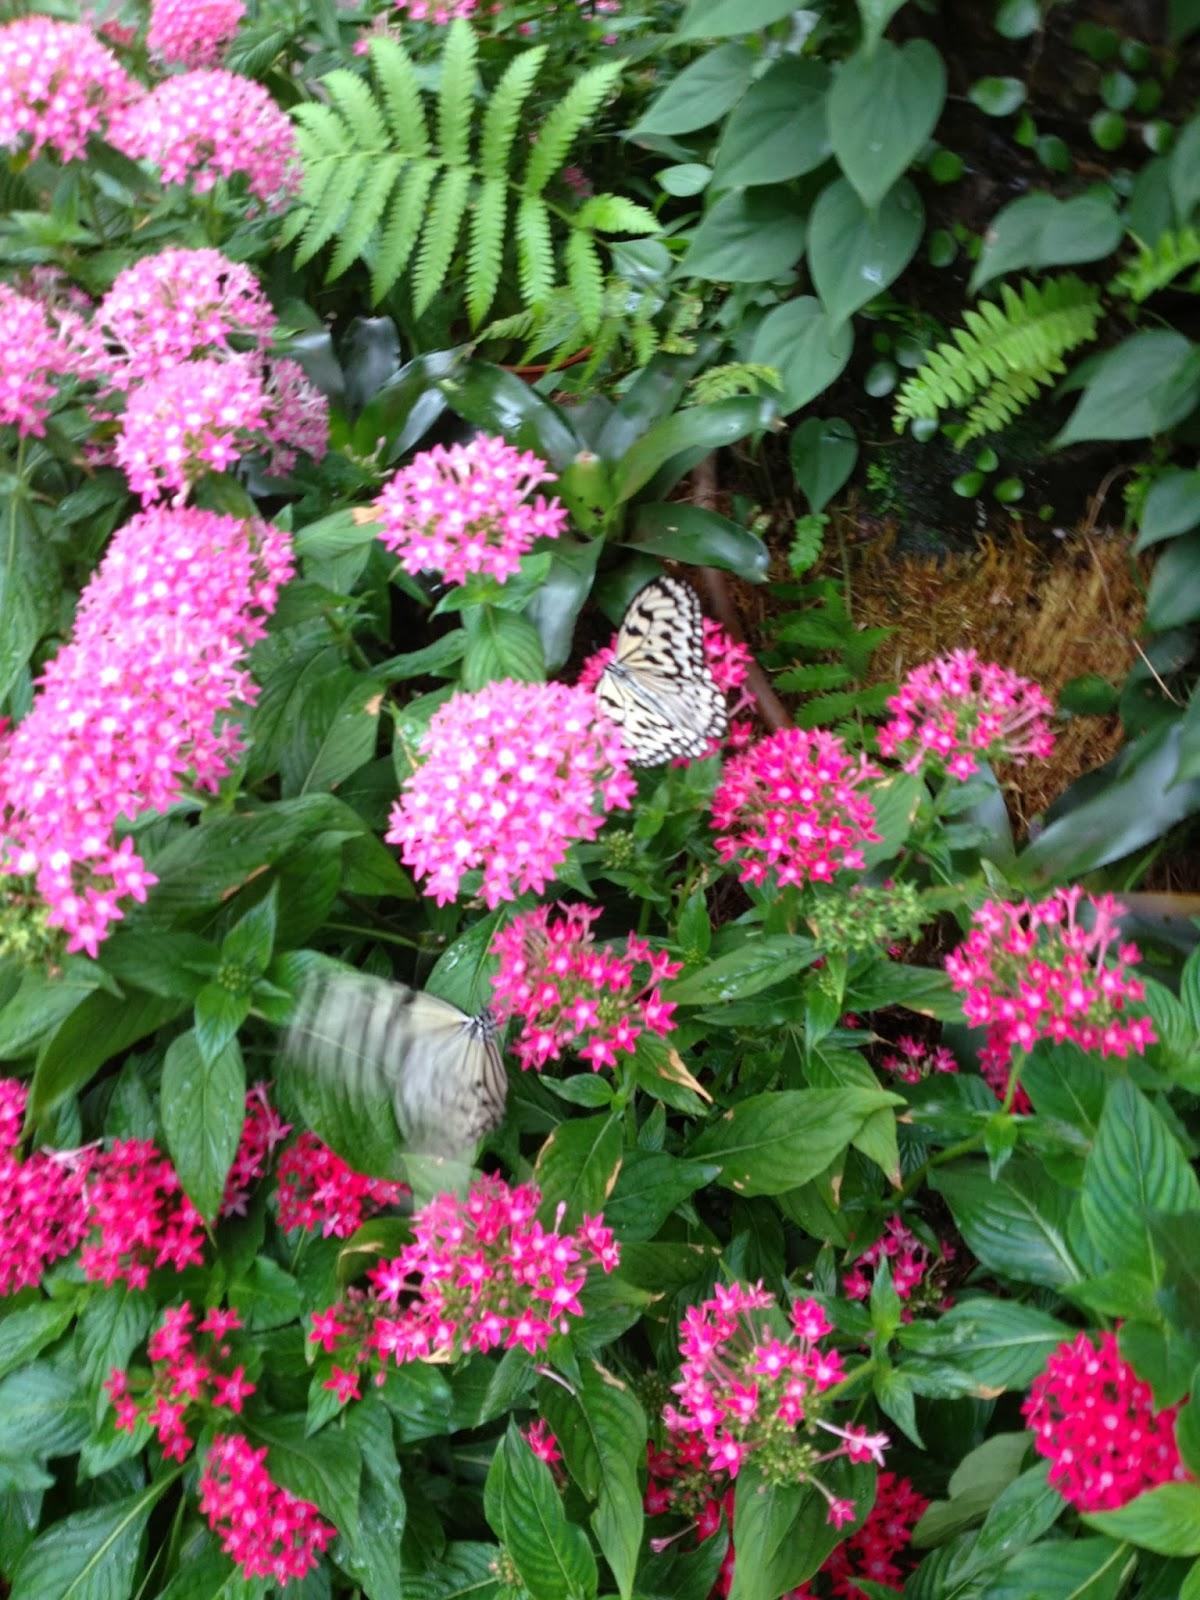 Le Jardin Des Papillons Best Of Six Mois  L Autre Bout Du Monde Aéroport De Singapore